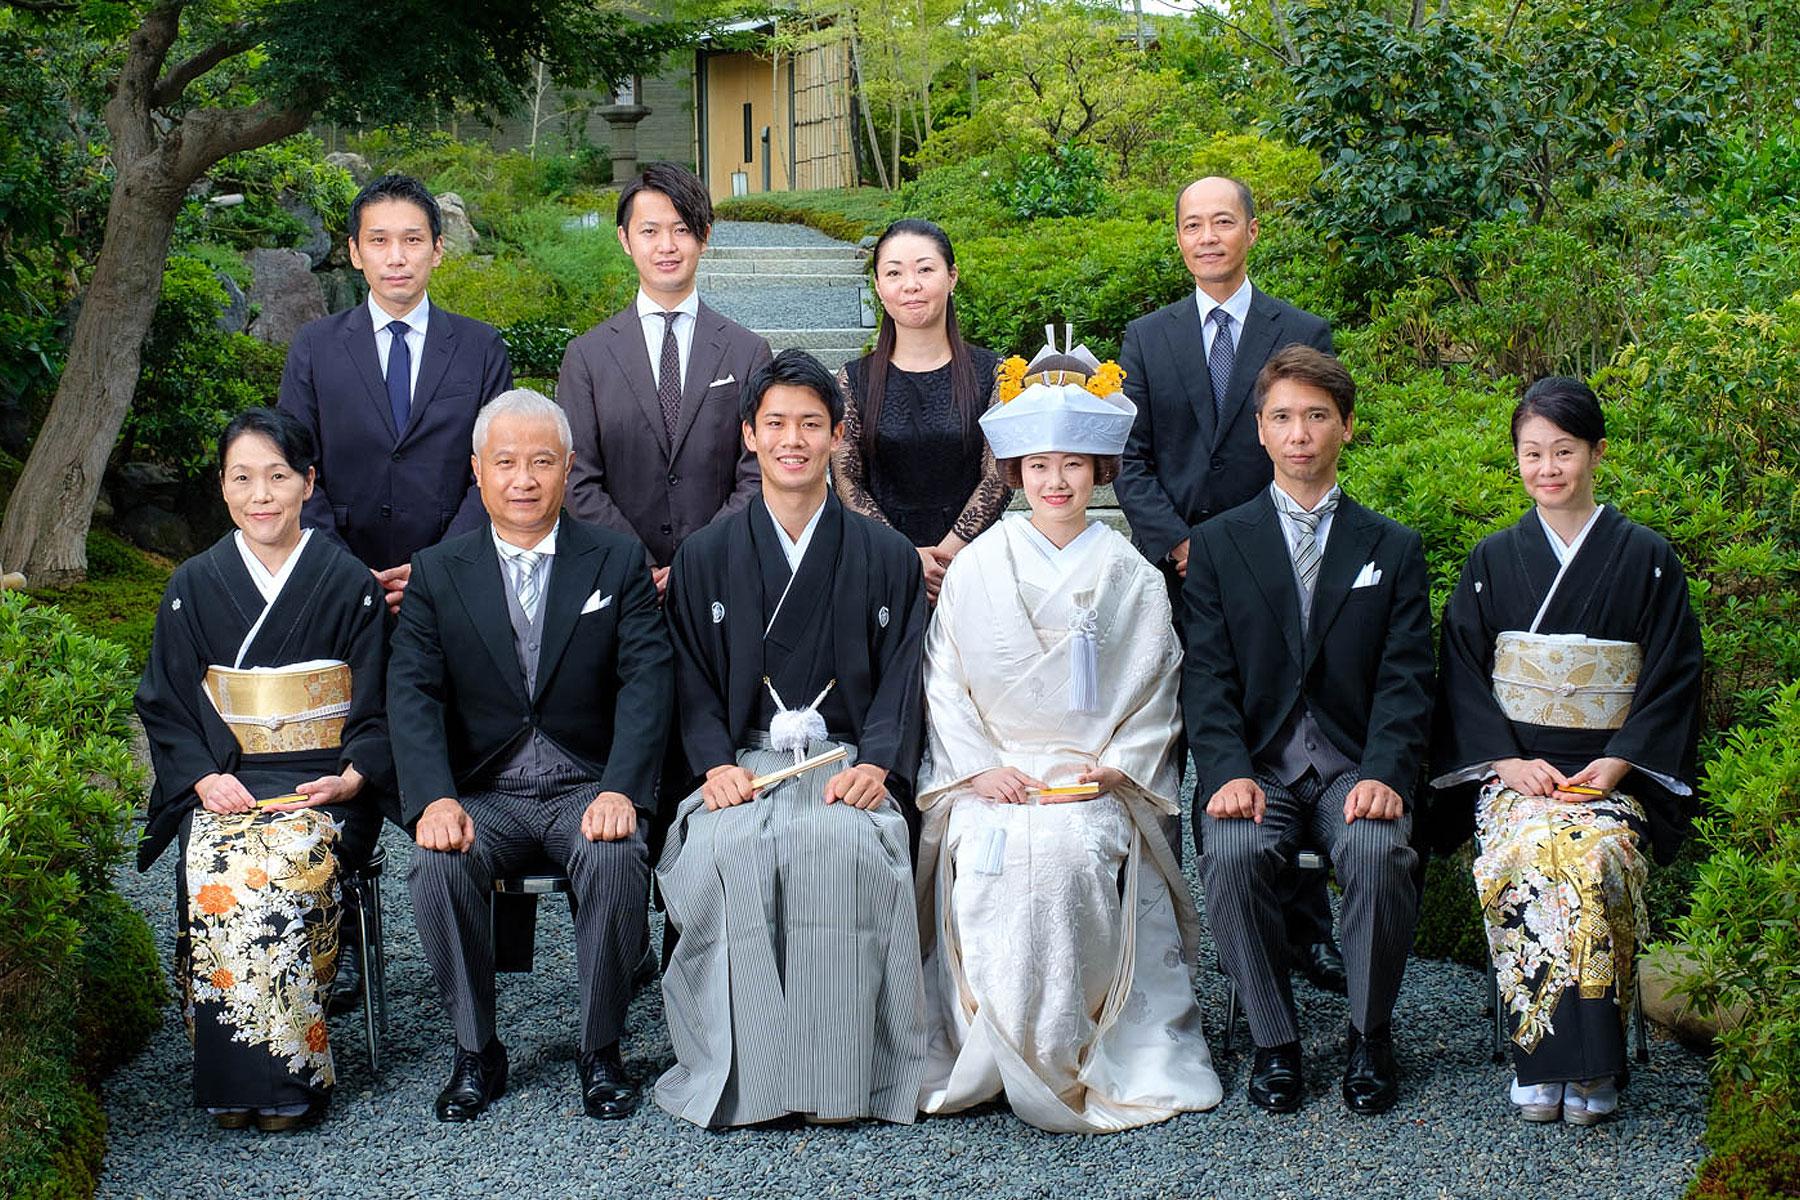 和装の新郎新婦と親族の記念写真